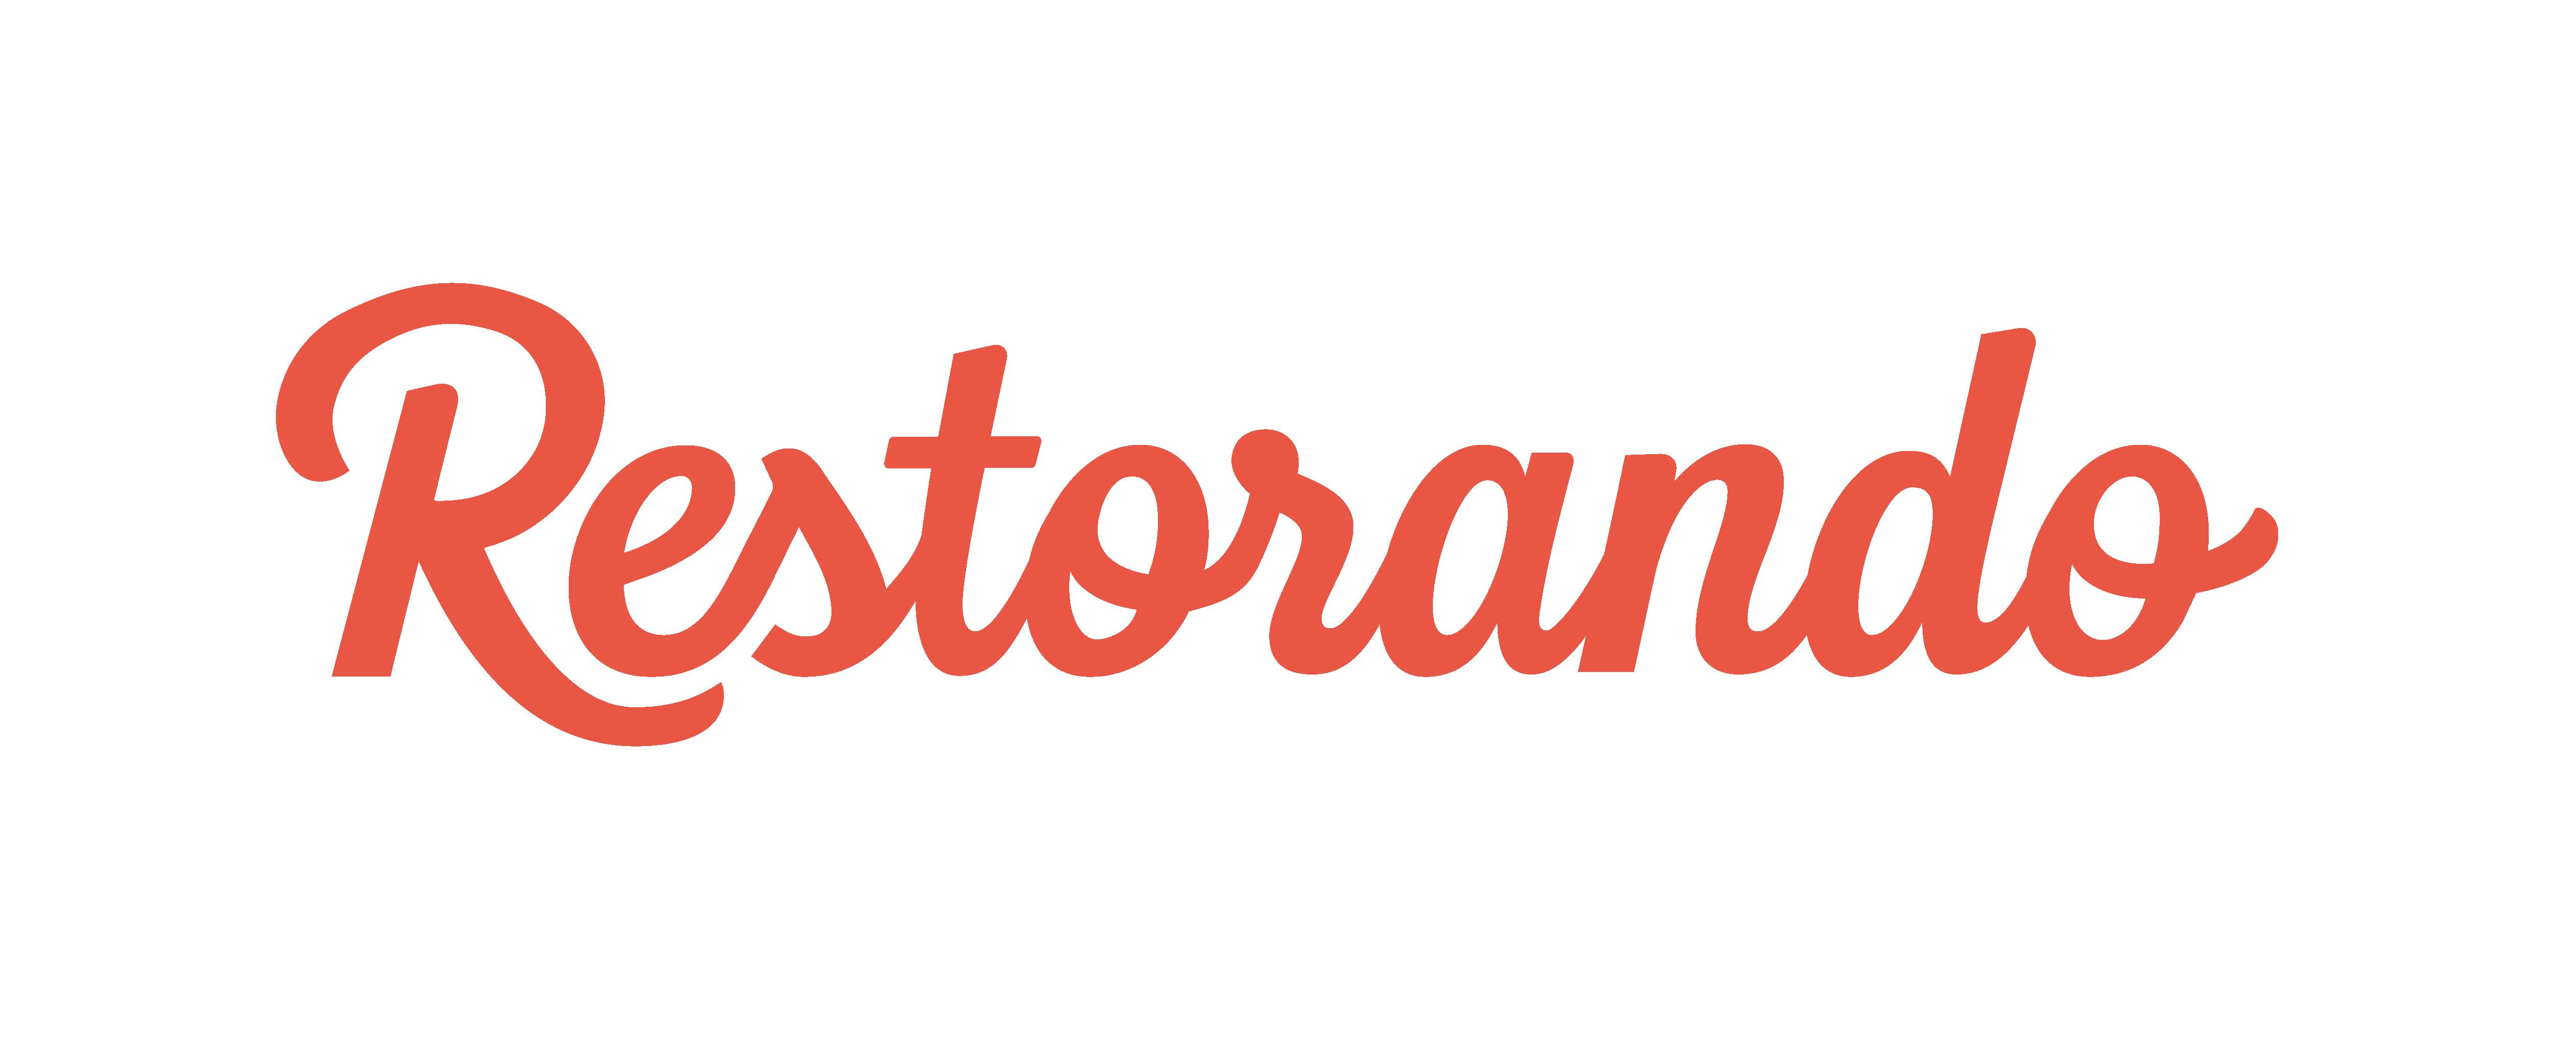 Restorando Logo Transparent TripAdvisor